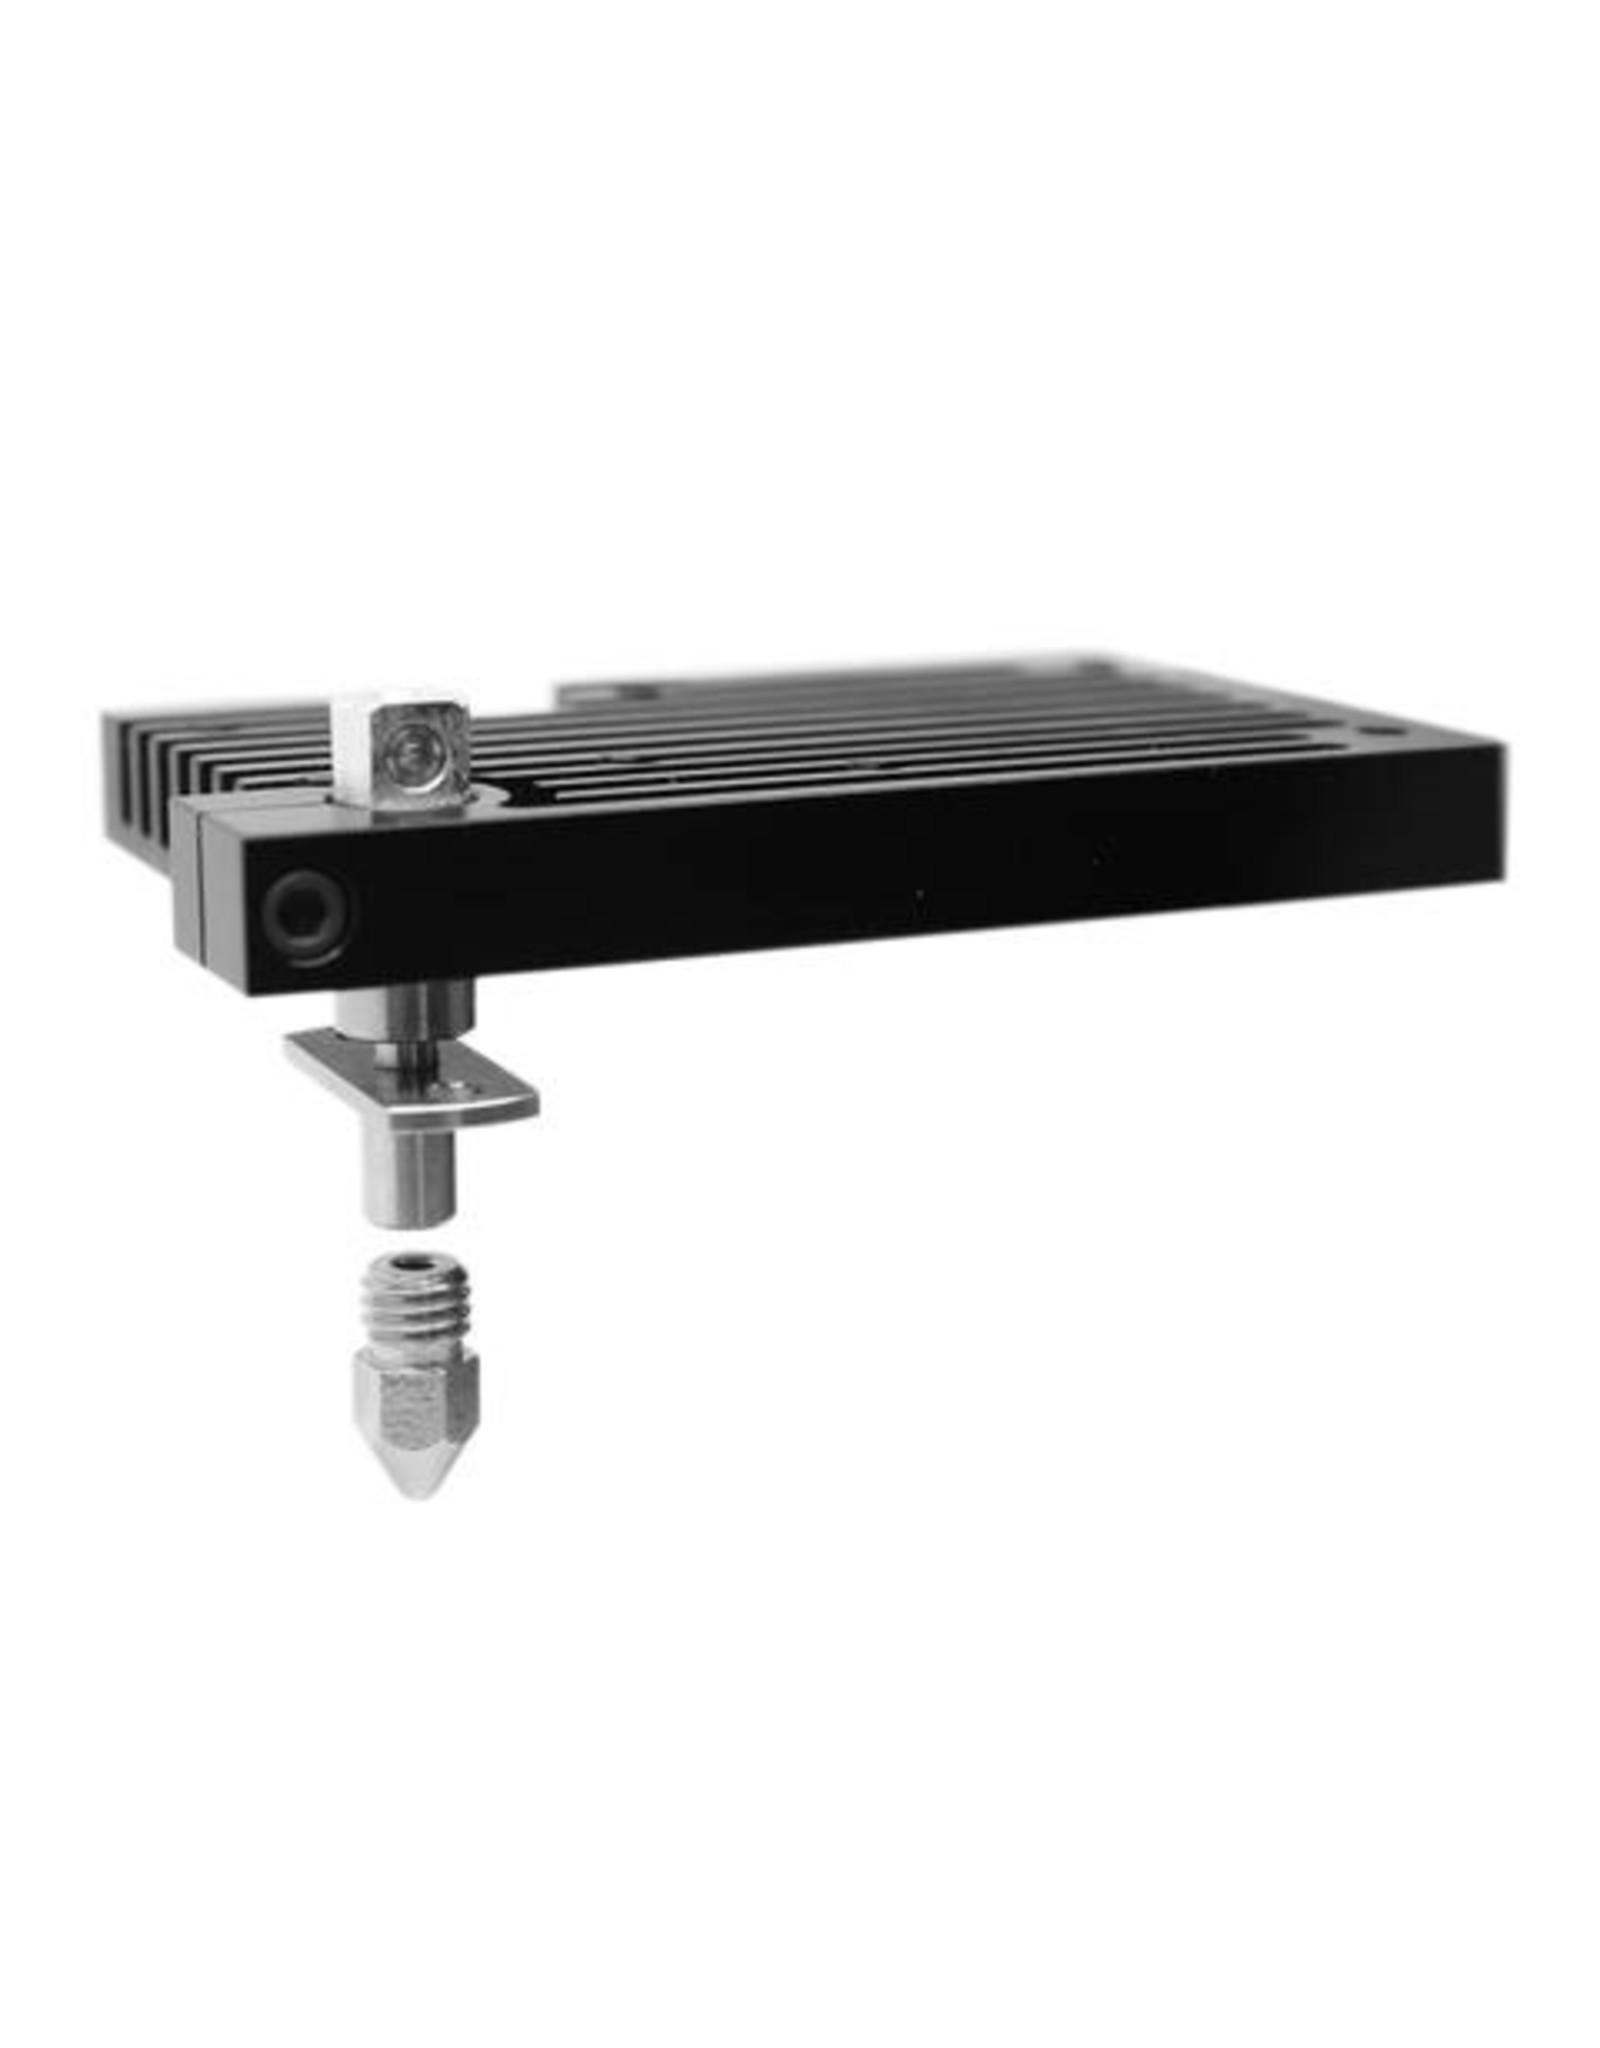 Micro Swiss All Metal Hotend Kit avec Bloc de Refroidissement pour M200 & M300